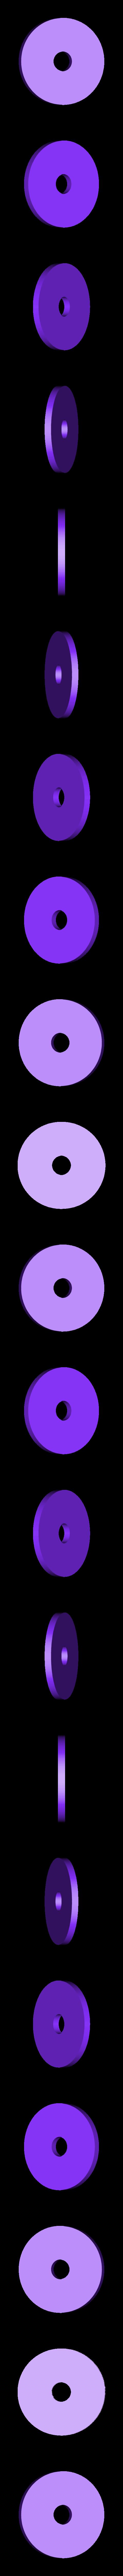 grinder_2.stl Télécharger fichier STL gratuit Le moulin • Design pour imprimante 3D, Earsling